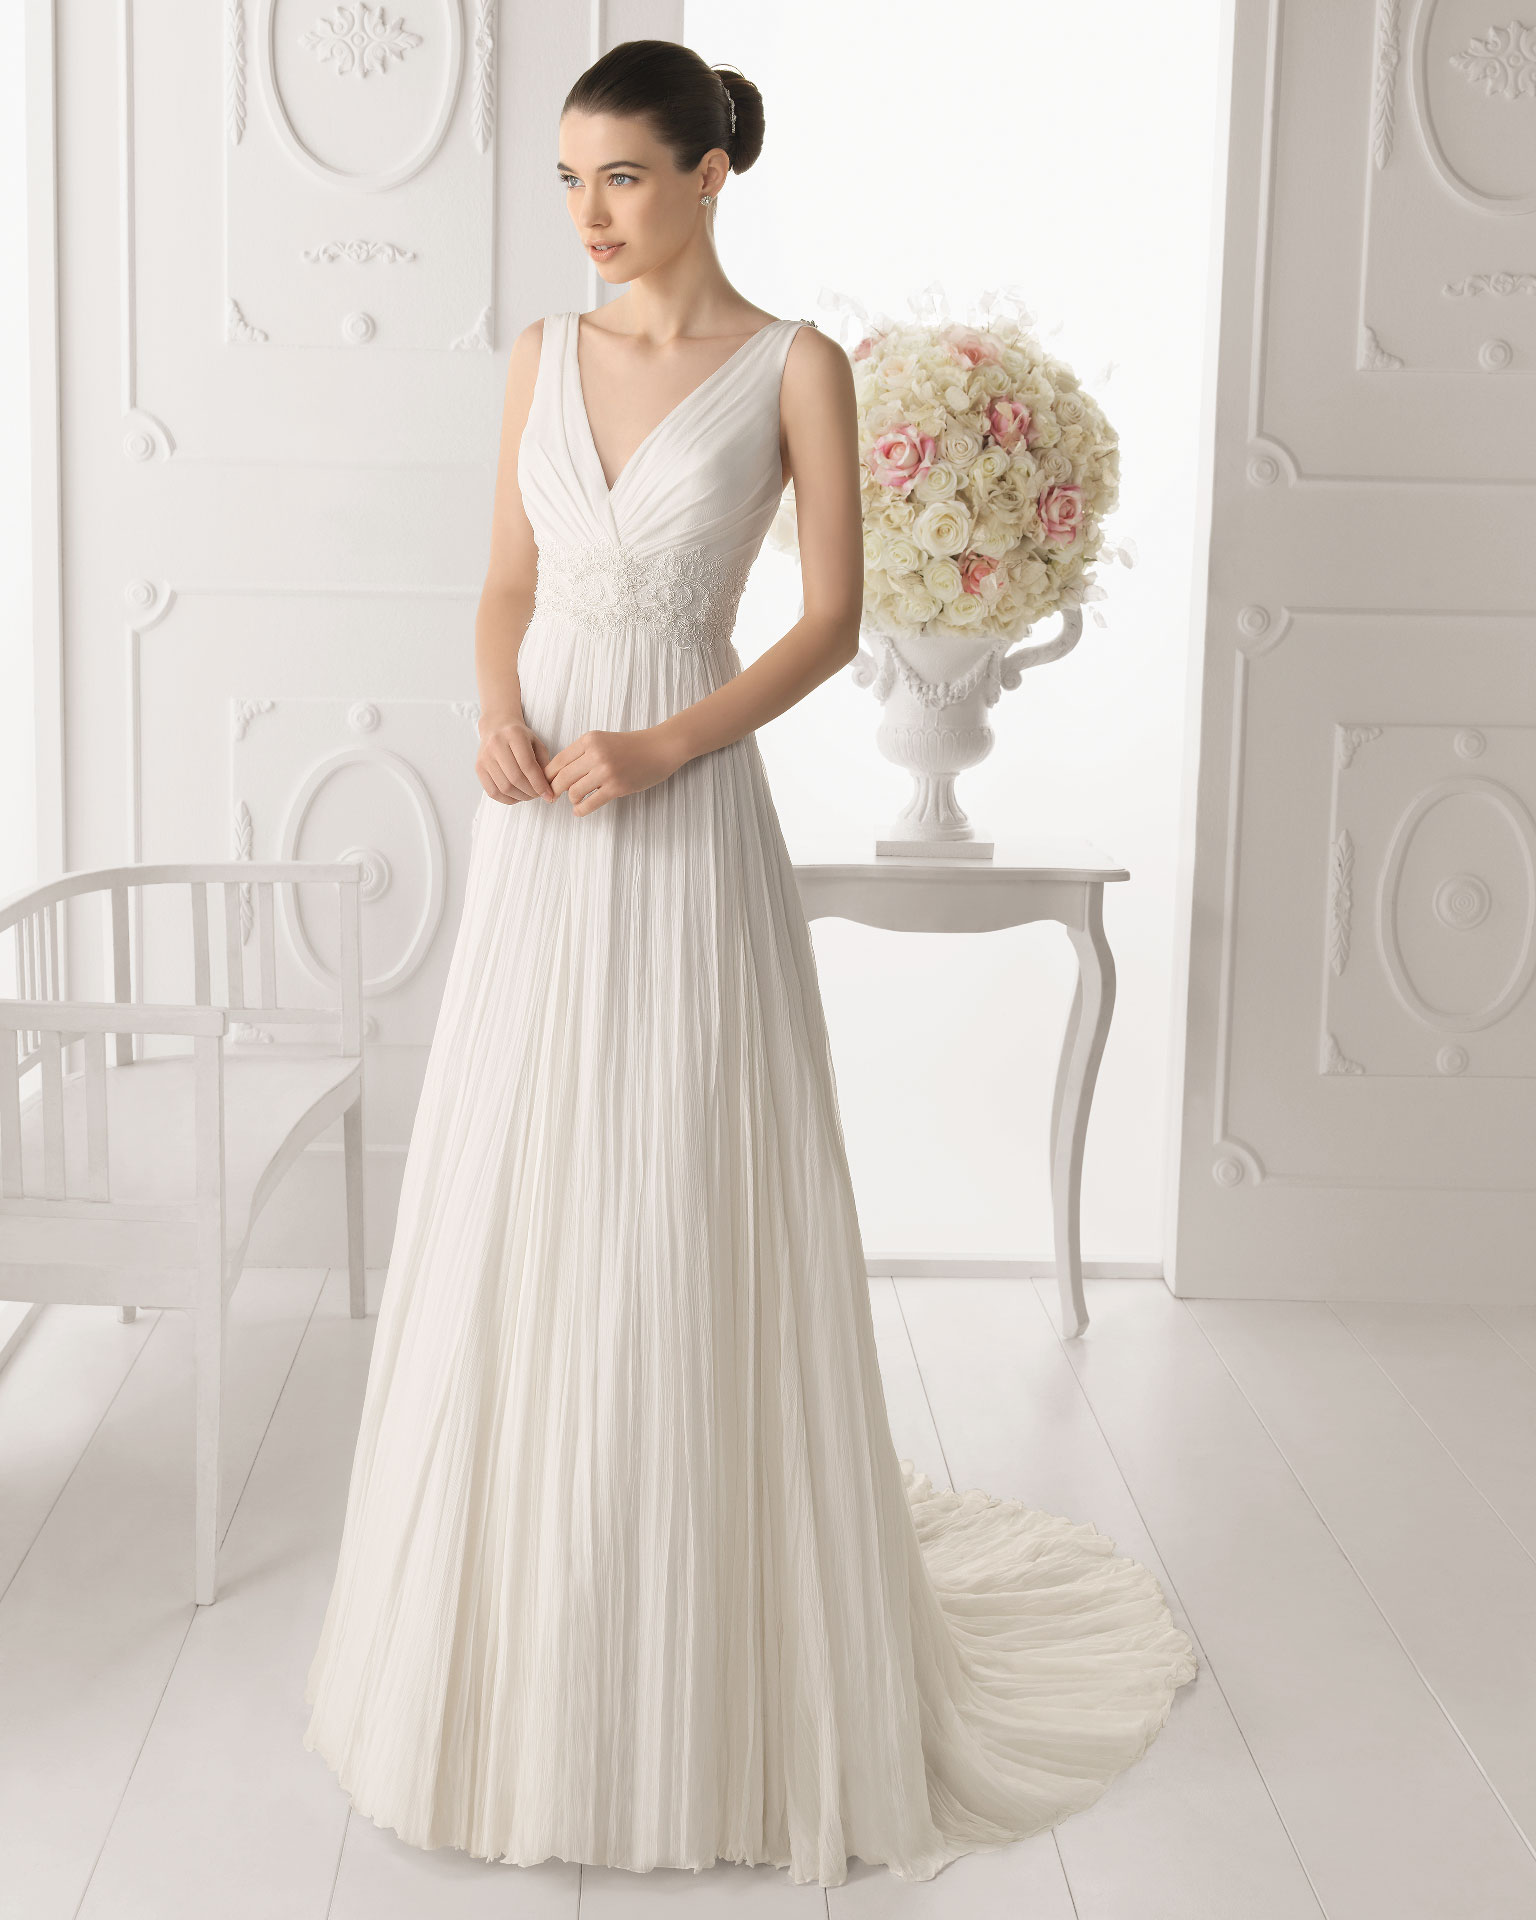 88880ca9ef Vestidos novia corte imperio baratos – Vestidos baratos